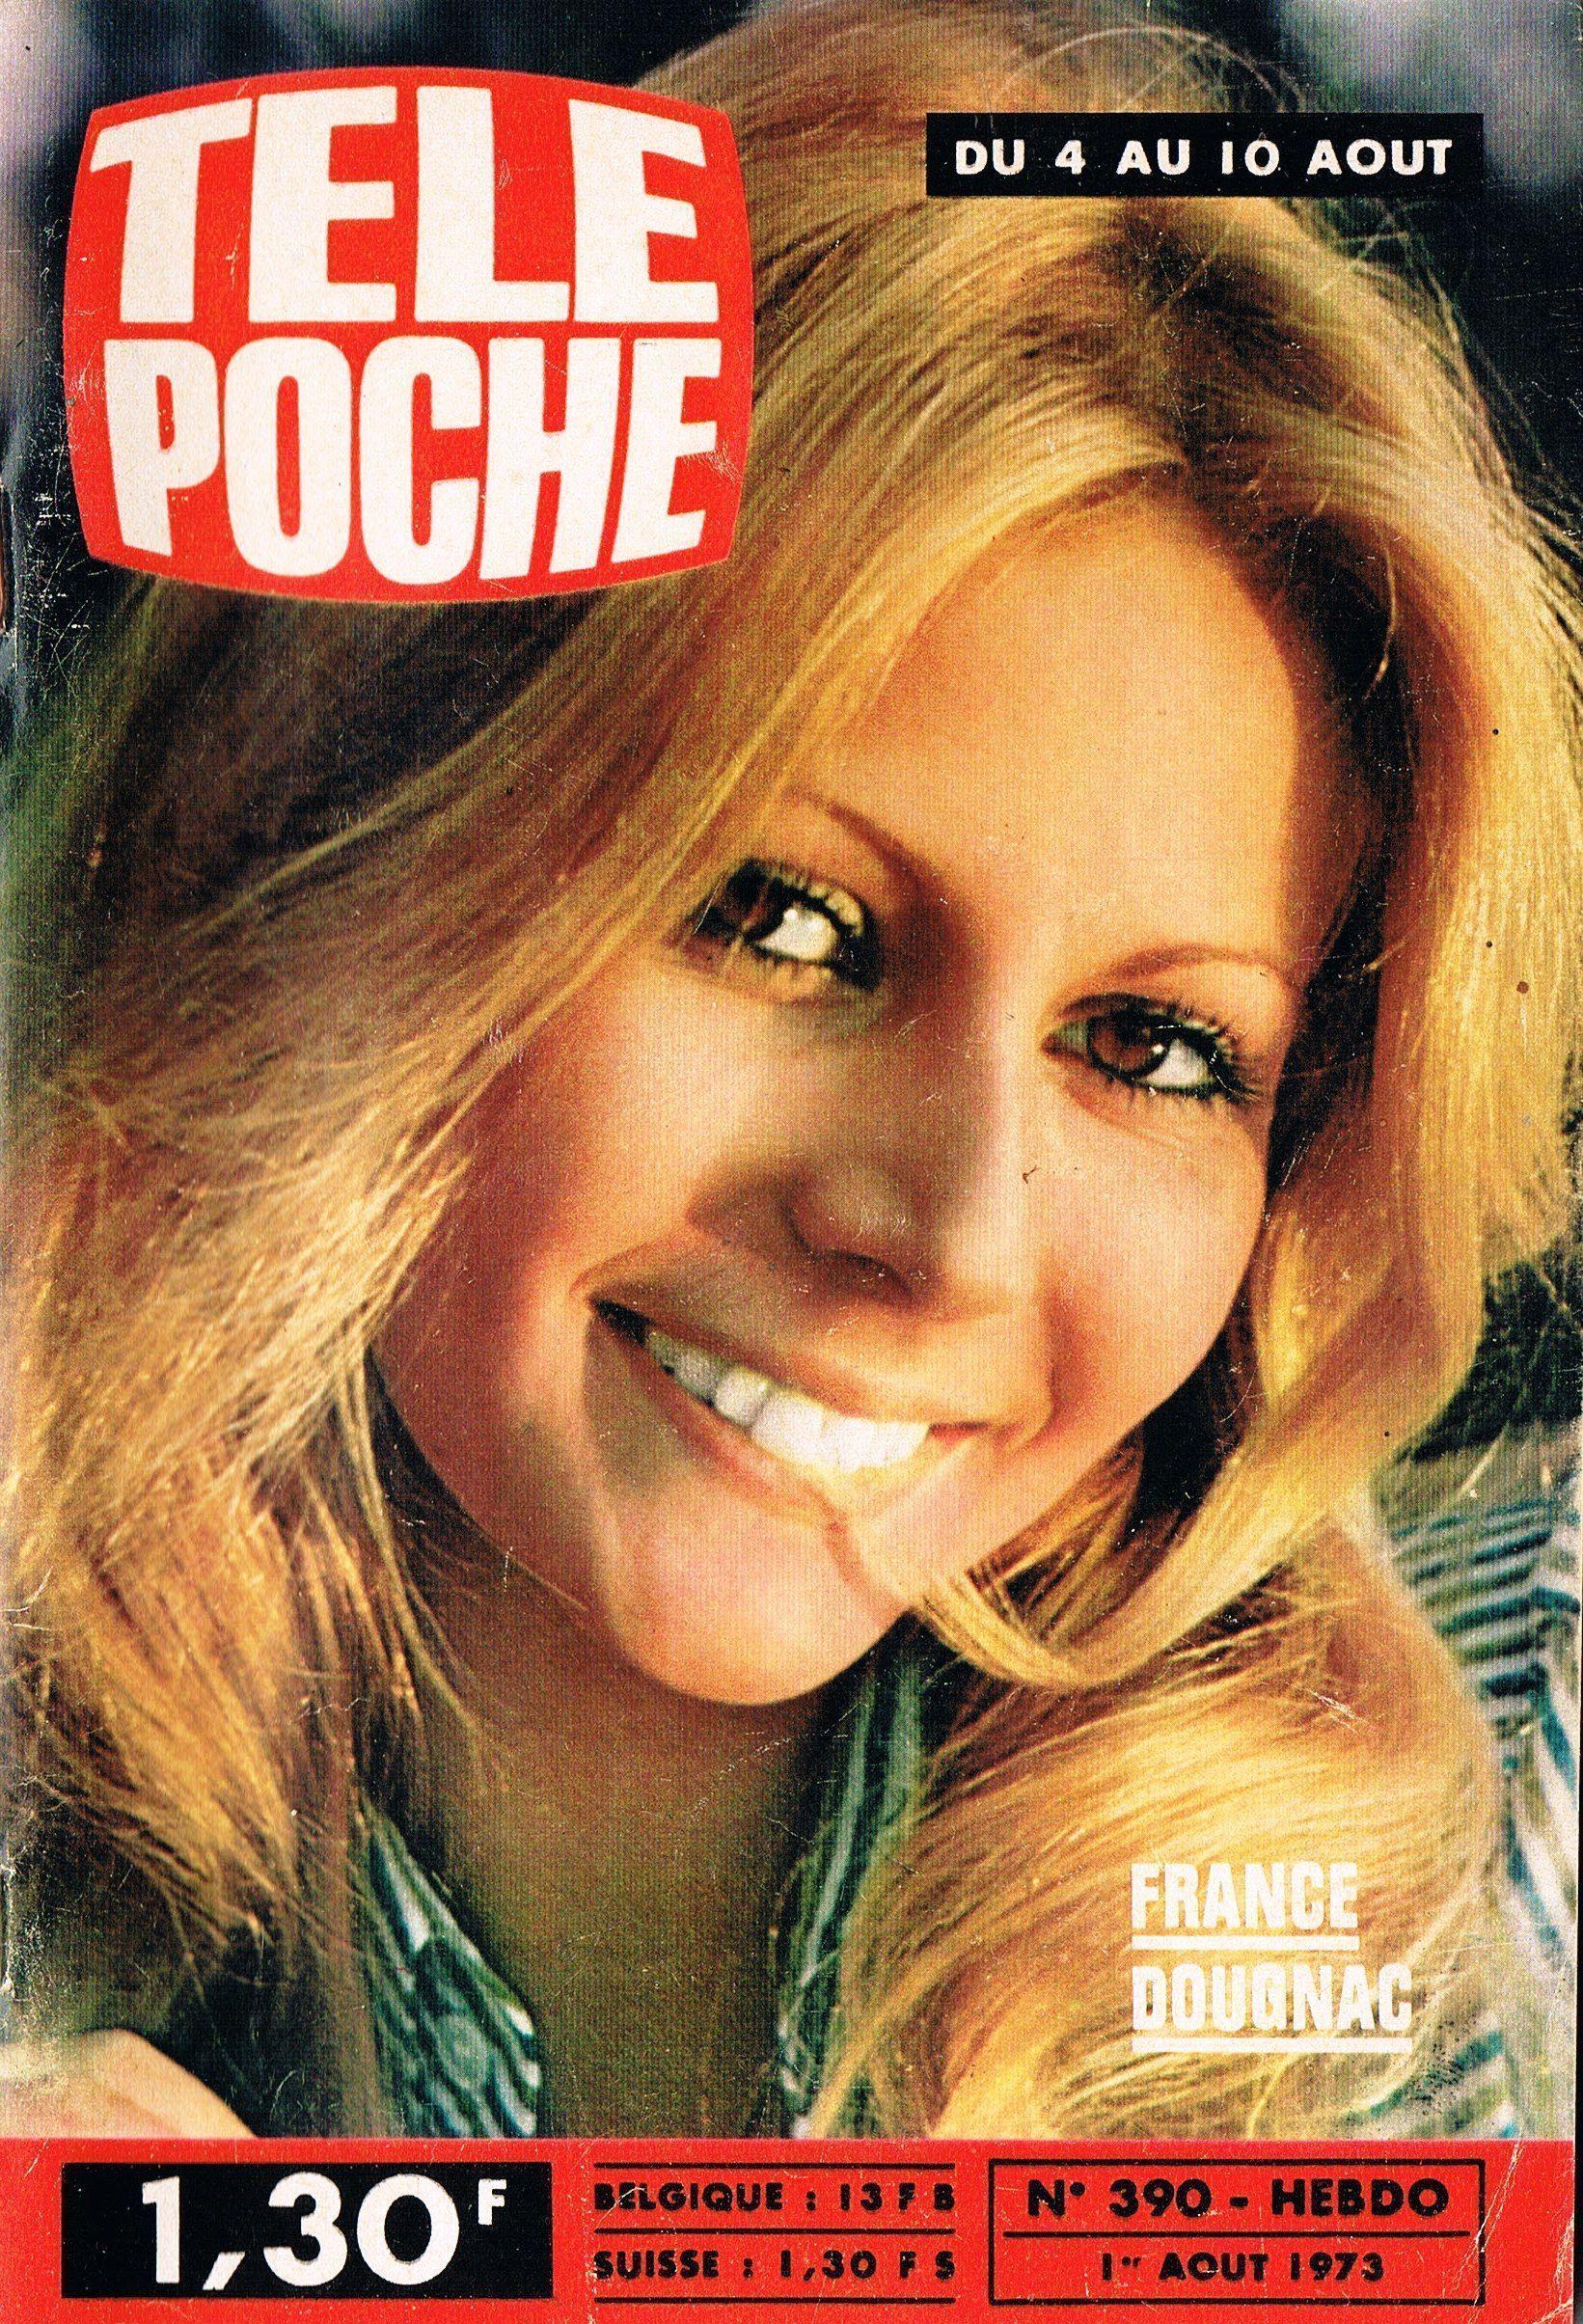 France Dougnac Nude Photos 90